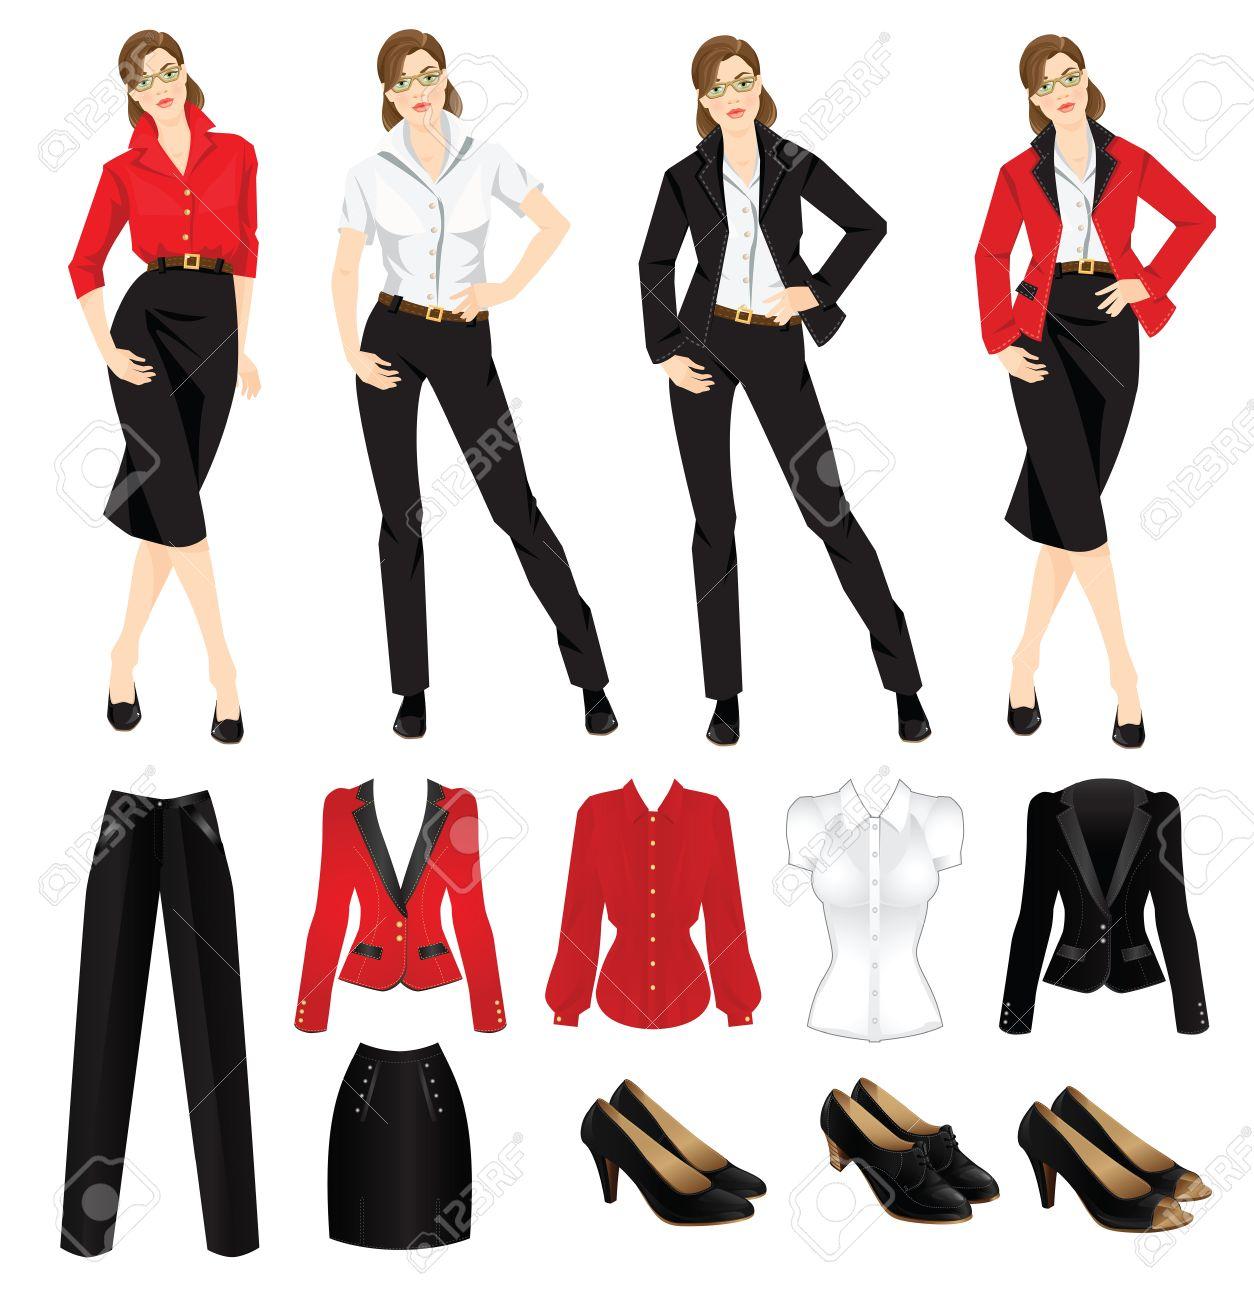 5a4995420 Ilustración del vector de código de vestimenta corporativa. zapatos negros  oficiales. Ropa para mujeres. Mujer de negocios o profesor en traje ...